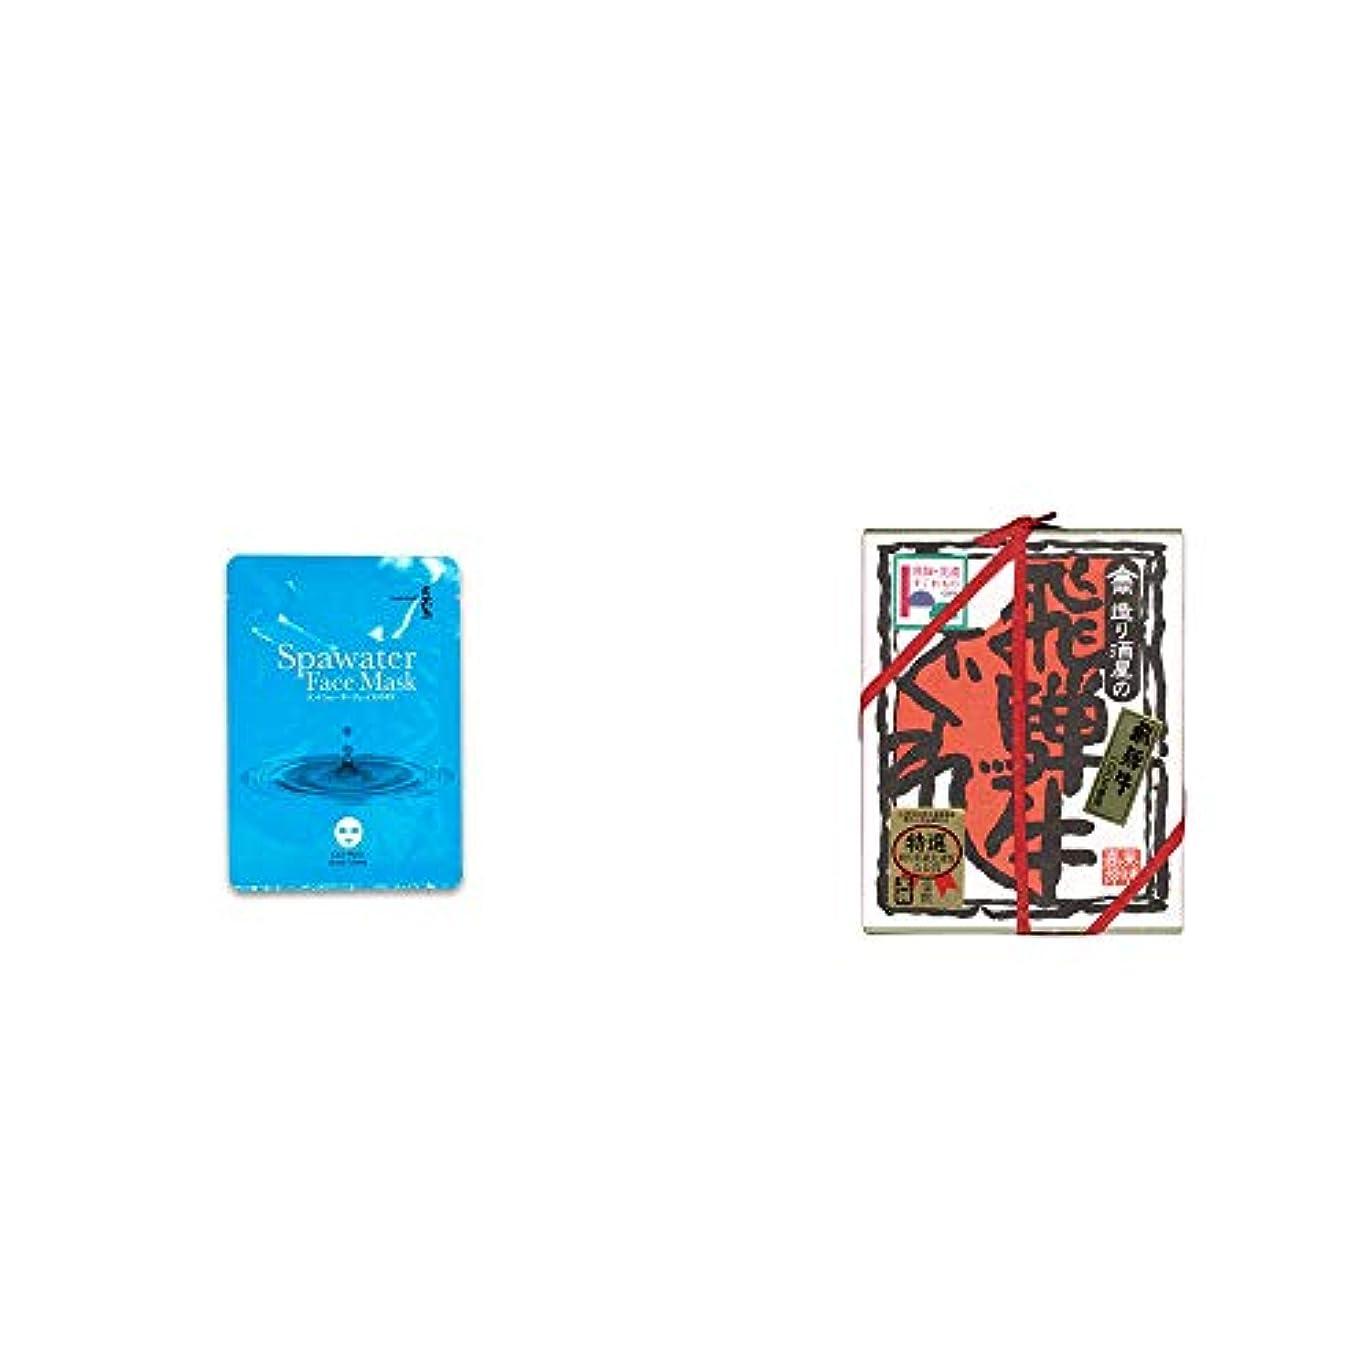 [2点セット] ひのき炭黒泉 スパウォーターフェイスマスク(18ml×3枚入)?天領酒造 飛騨牛100% 造り酒屋の飛騨牛しぐれ(100g)